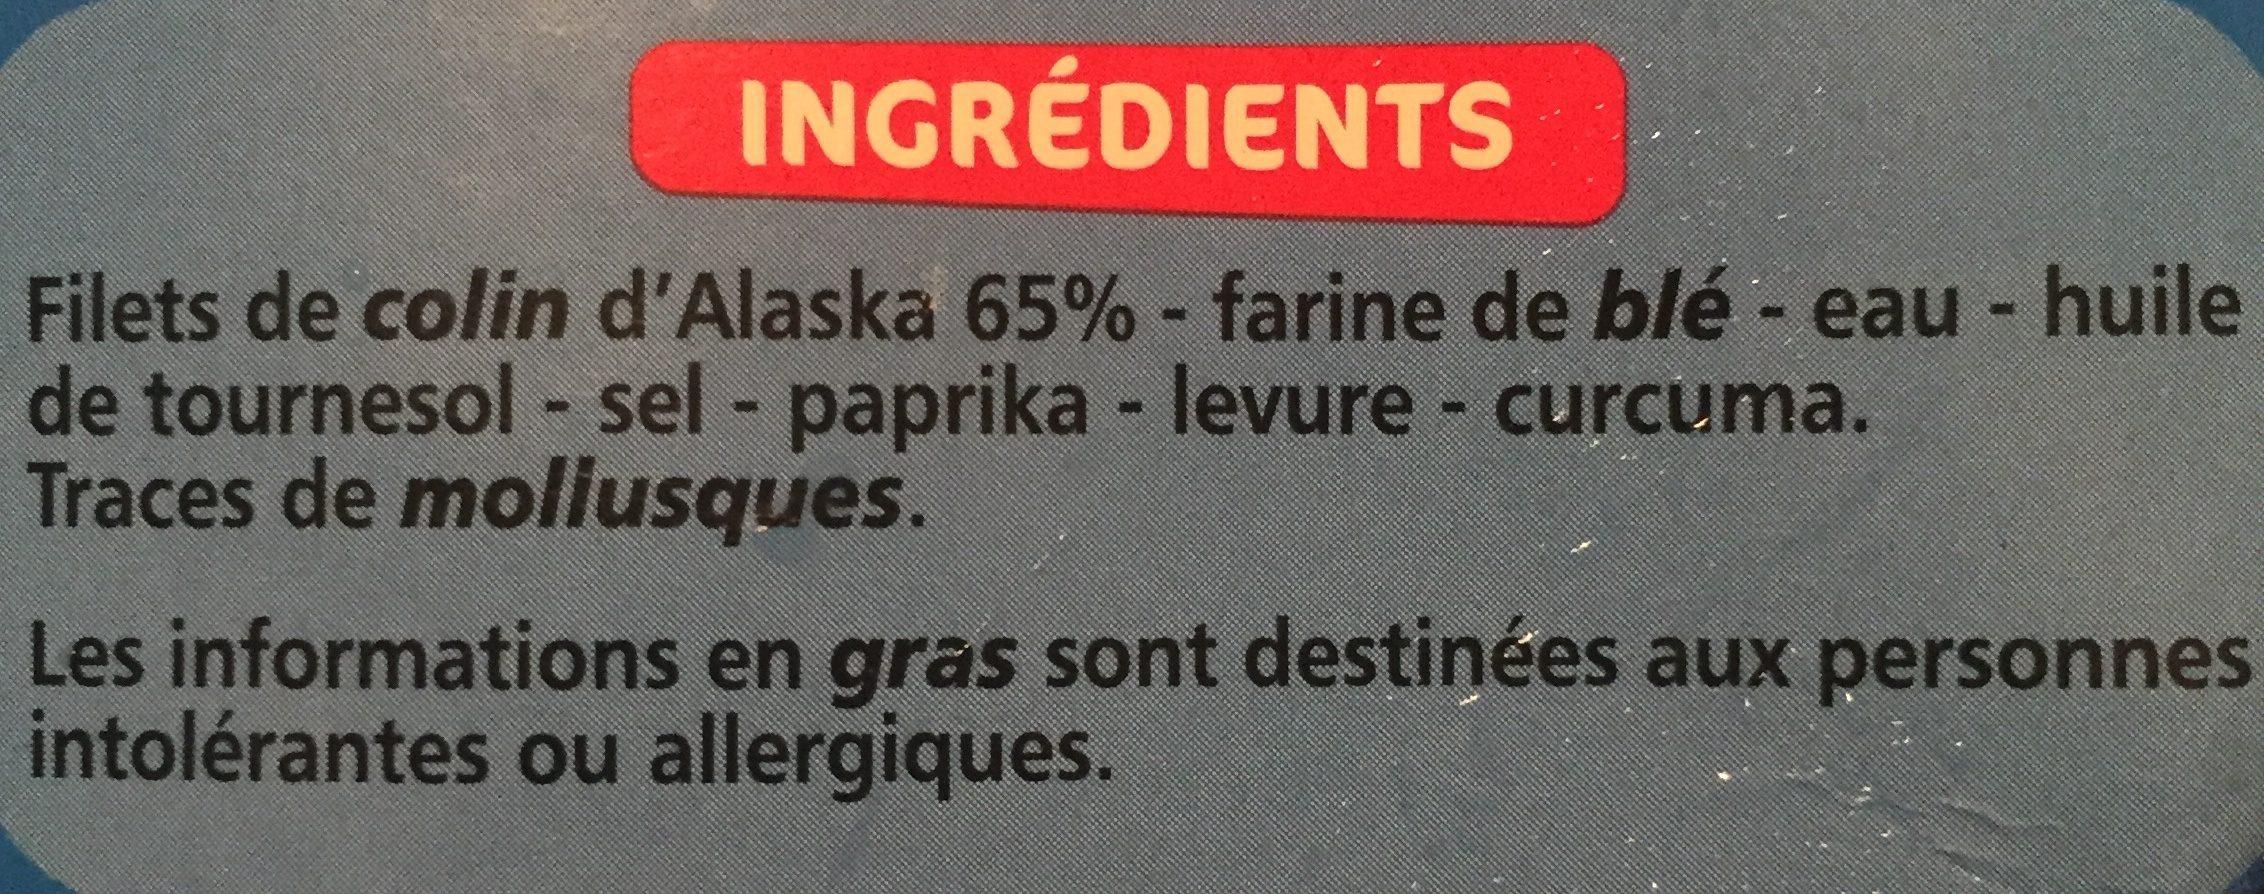 Bâtonnets de filets de colin d'Alaska panés - Ingrédients - fr